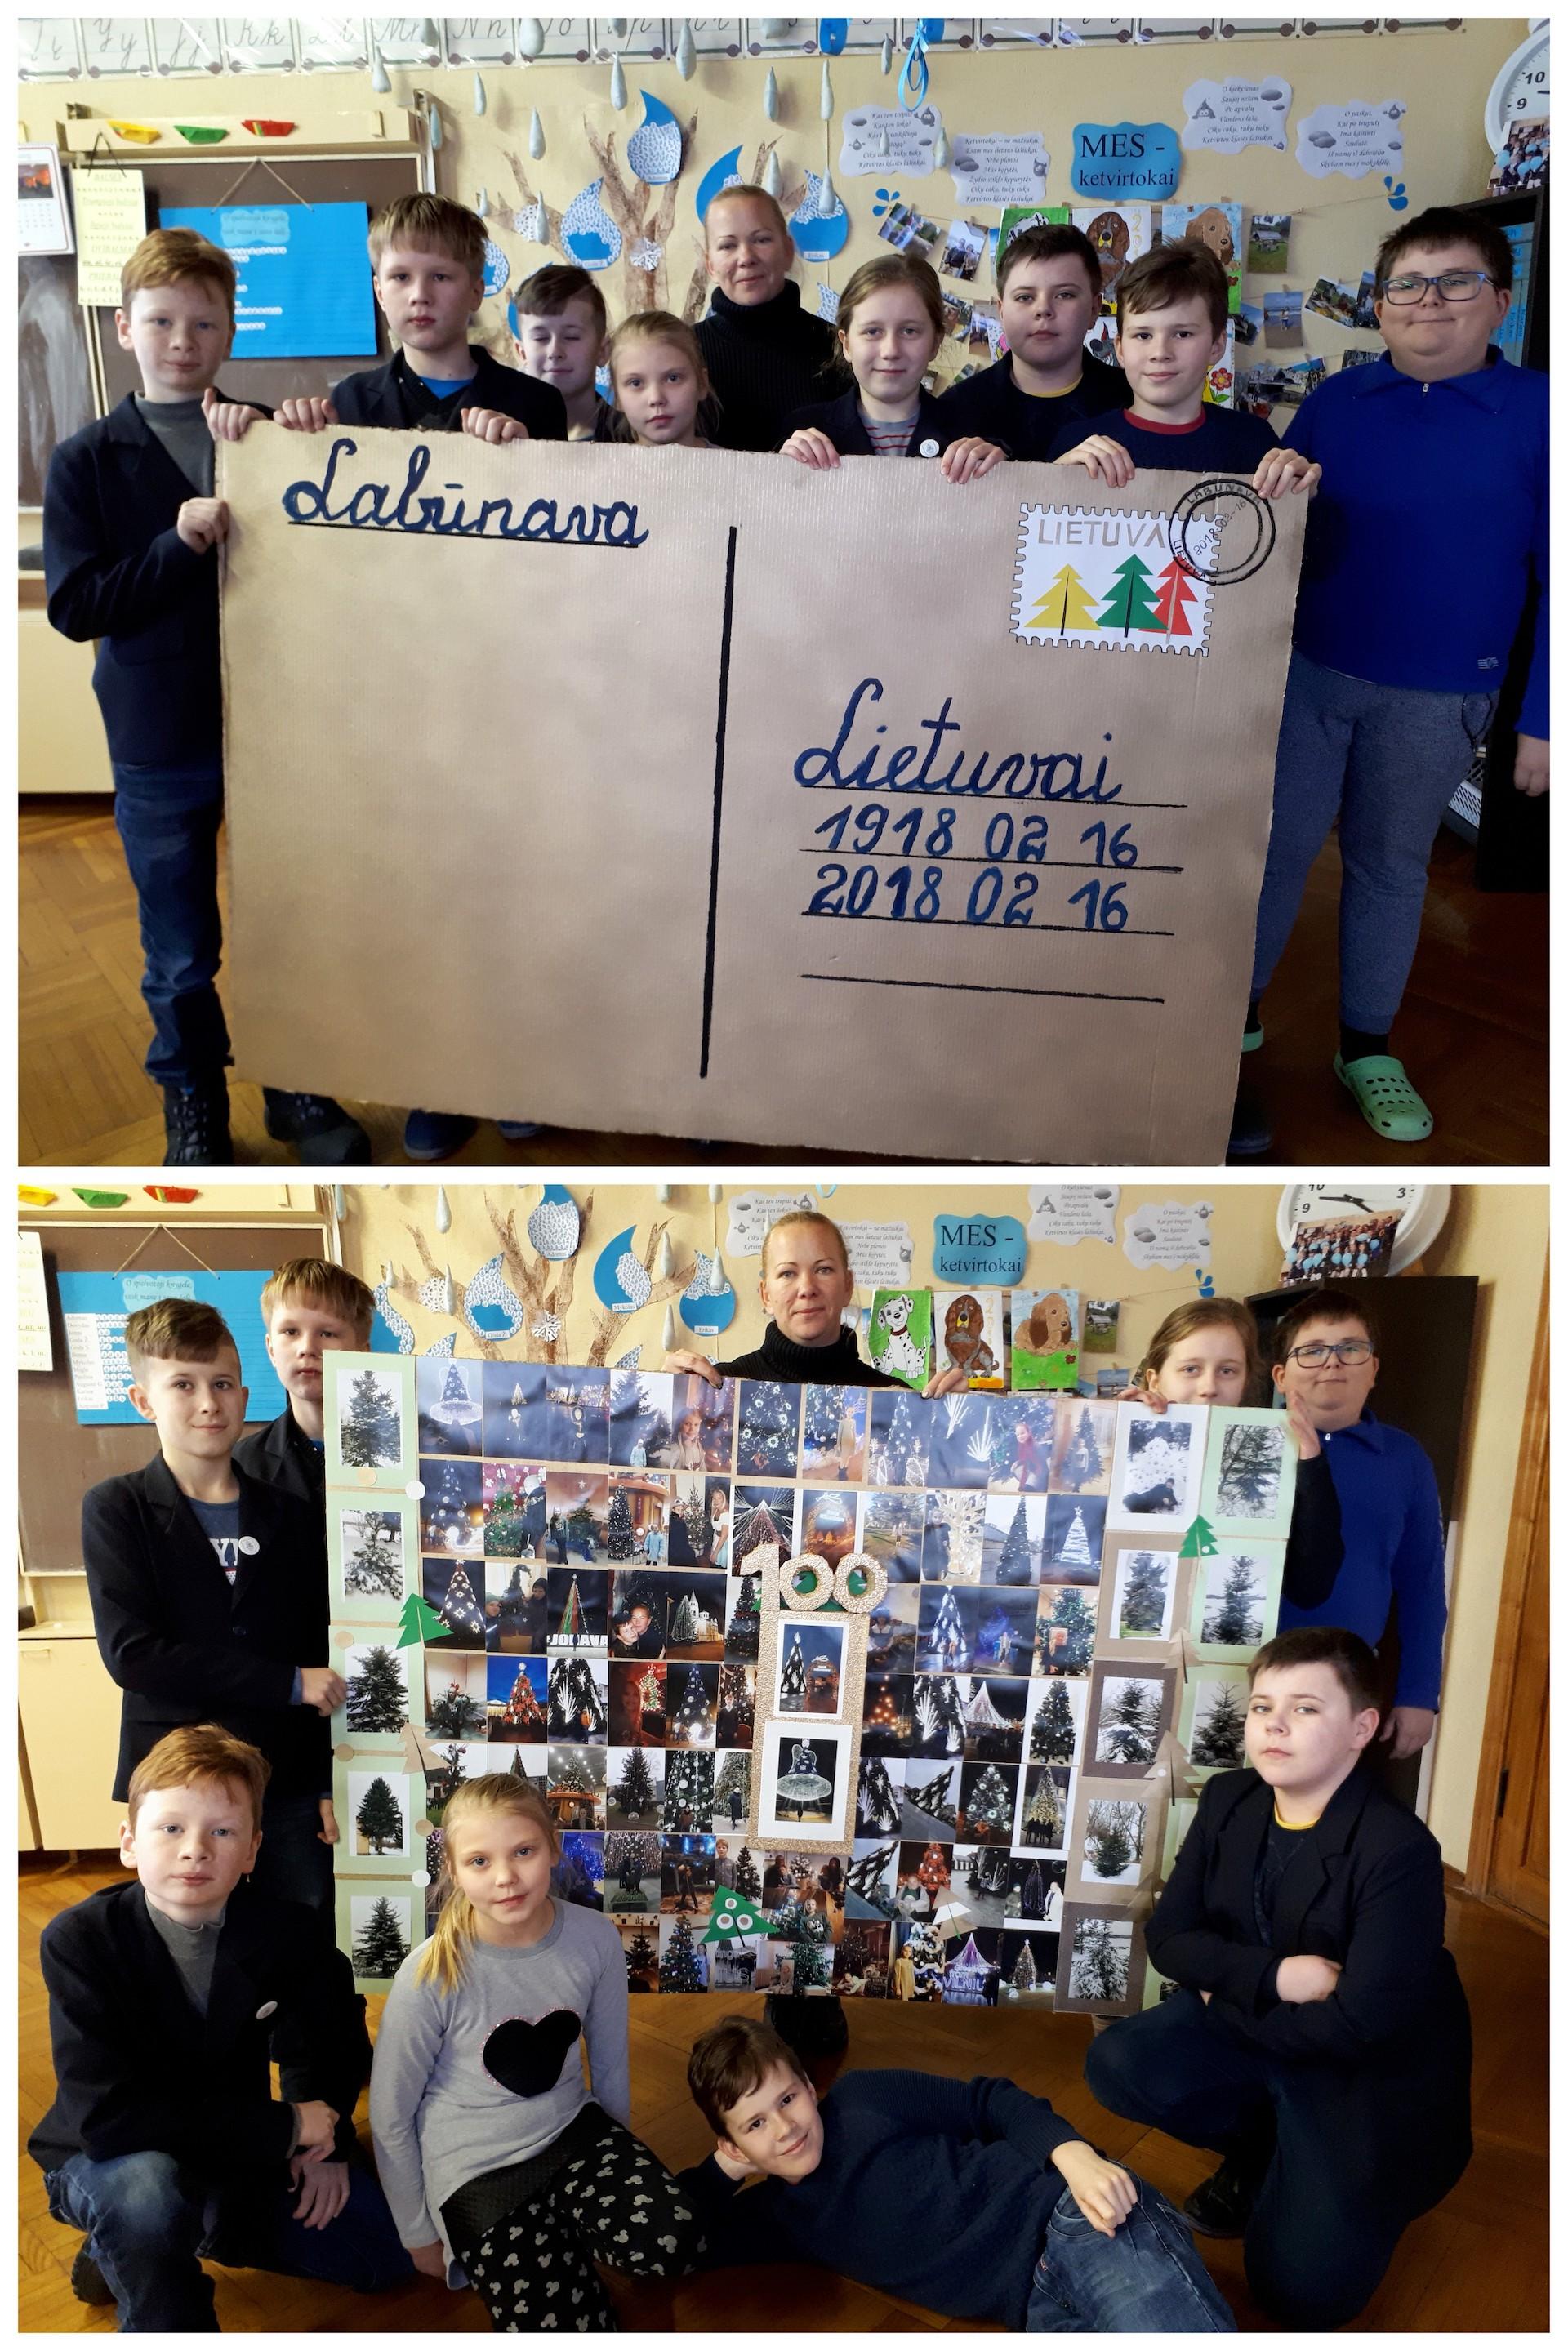 Iš 100 nuotraukų buvo suklijuotas didžiulis atvirlaiškis – sveikinimas Lietuvai.